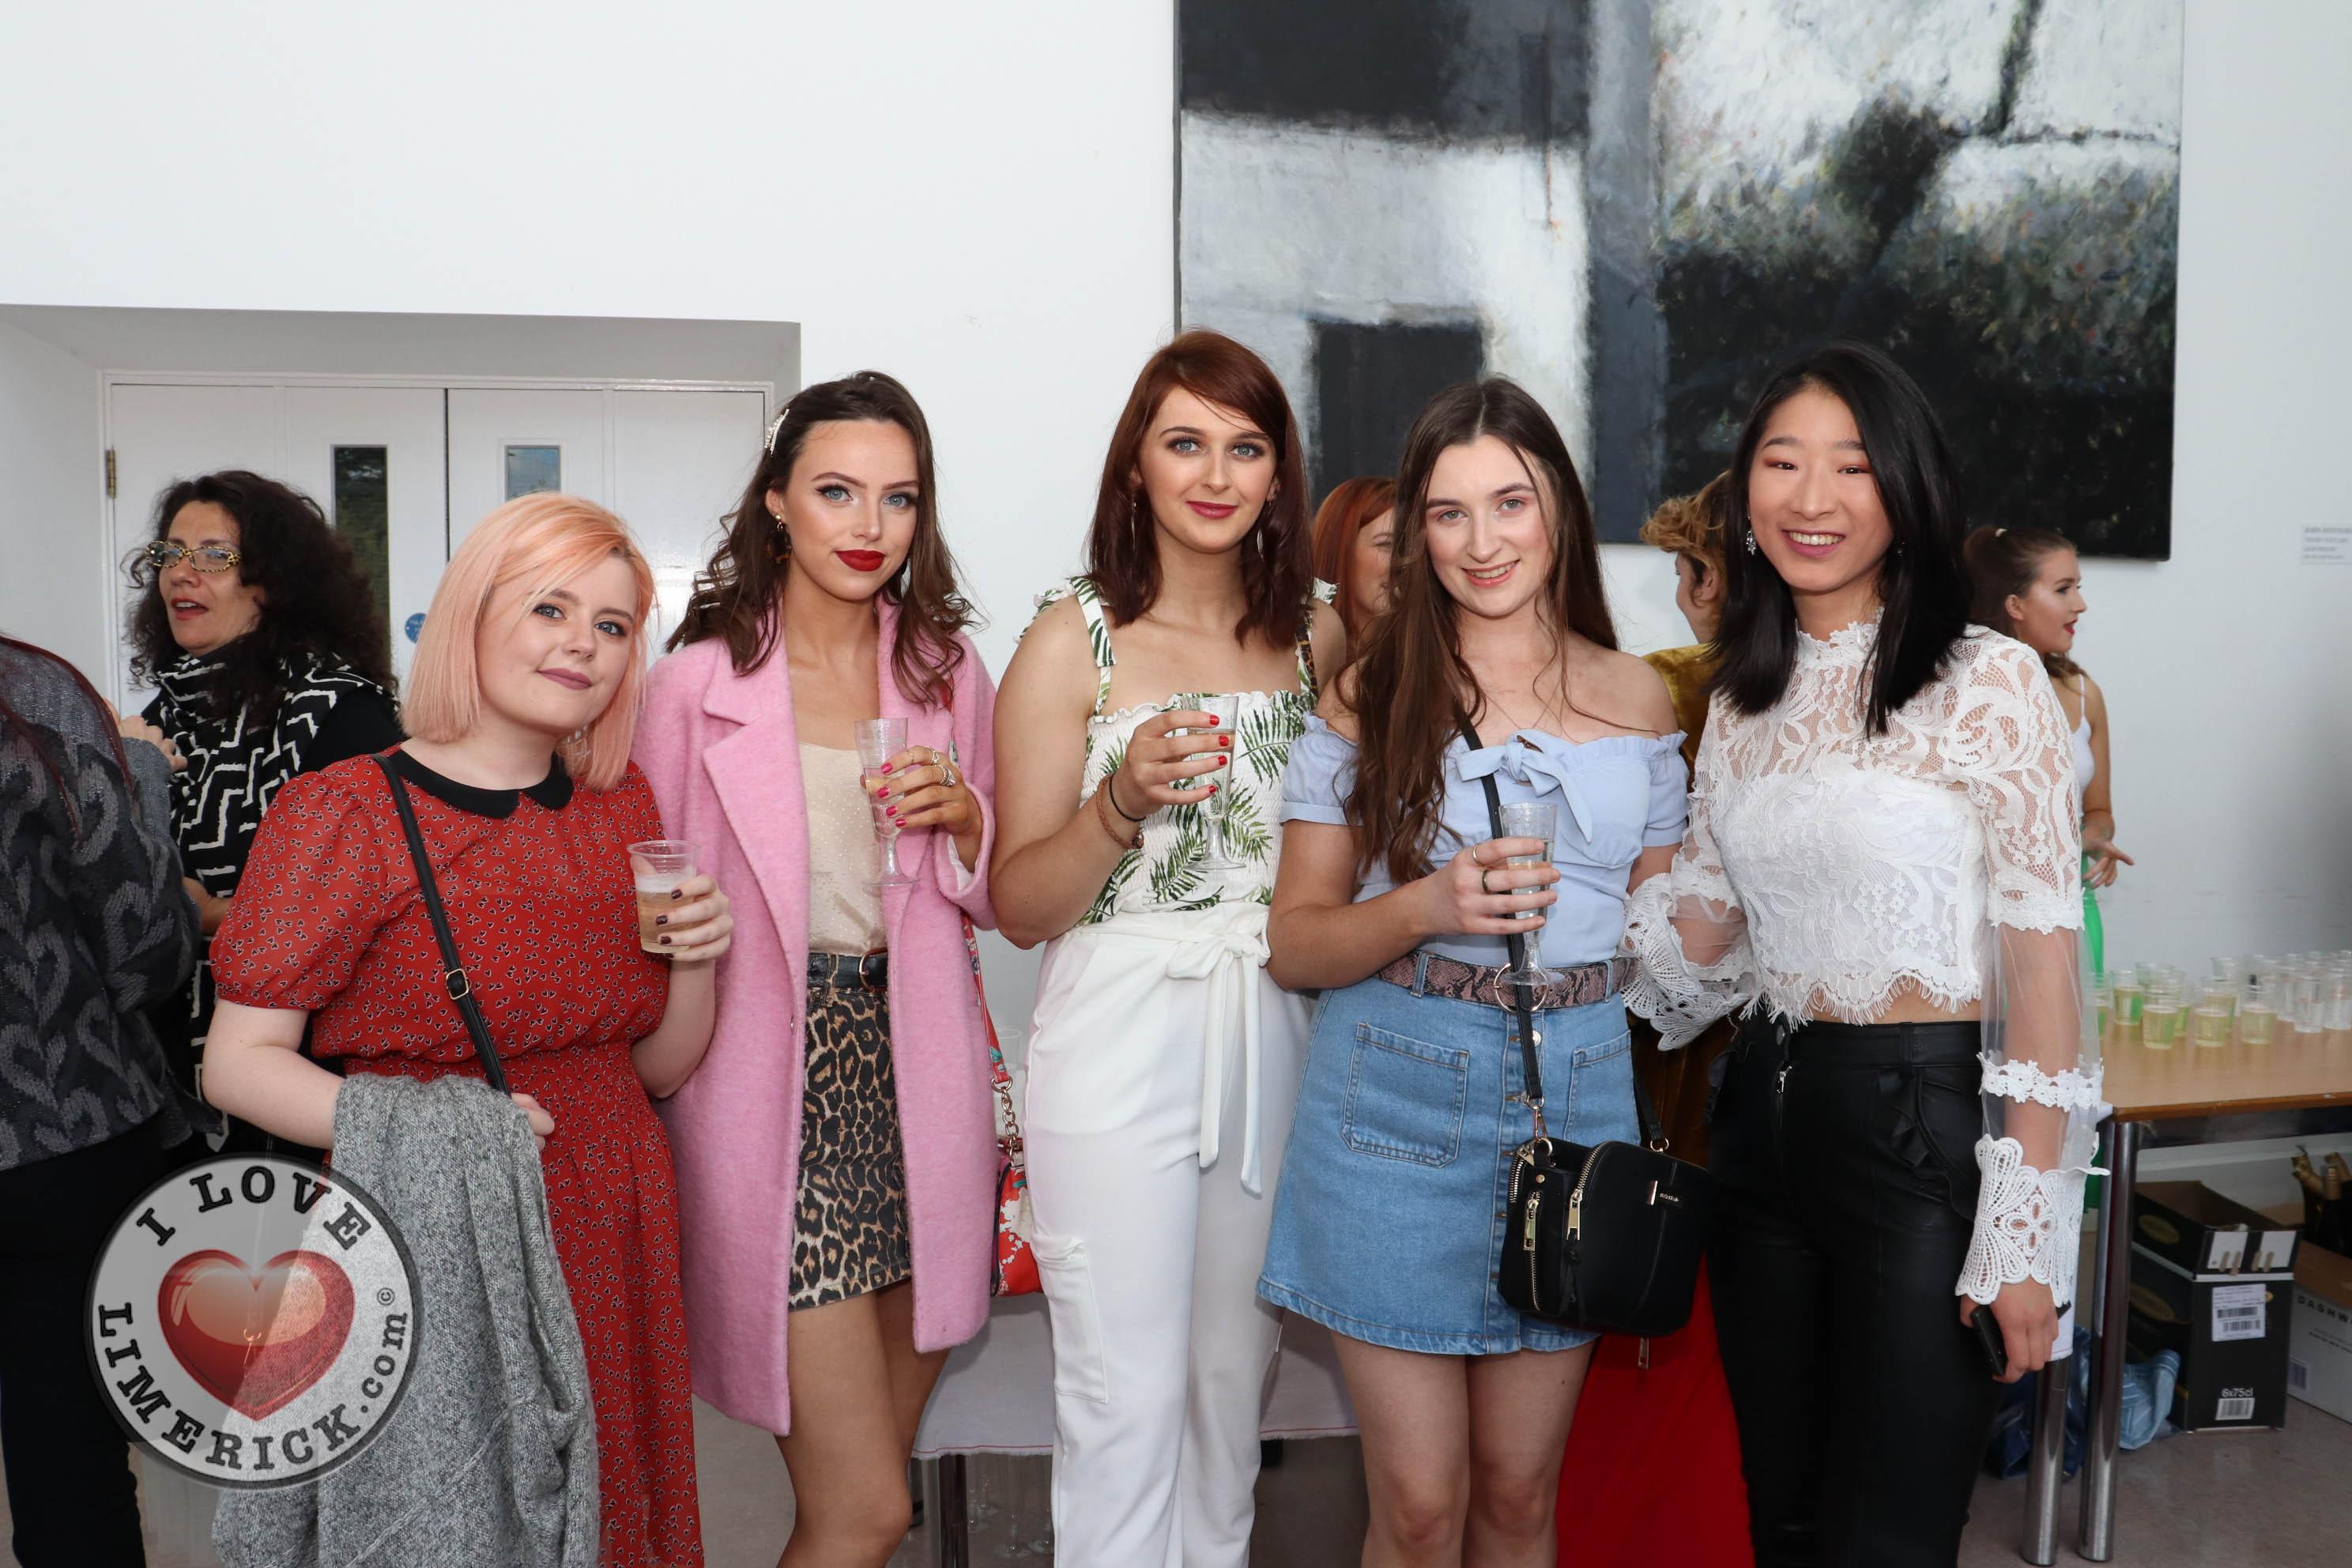 unwrap fashion event